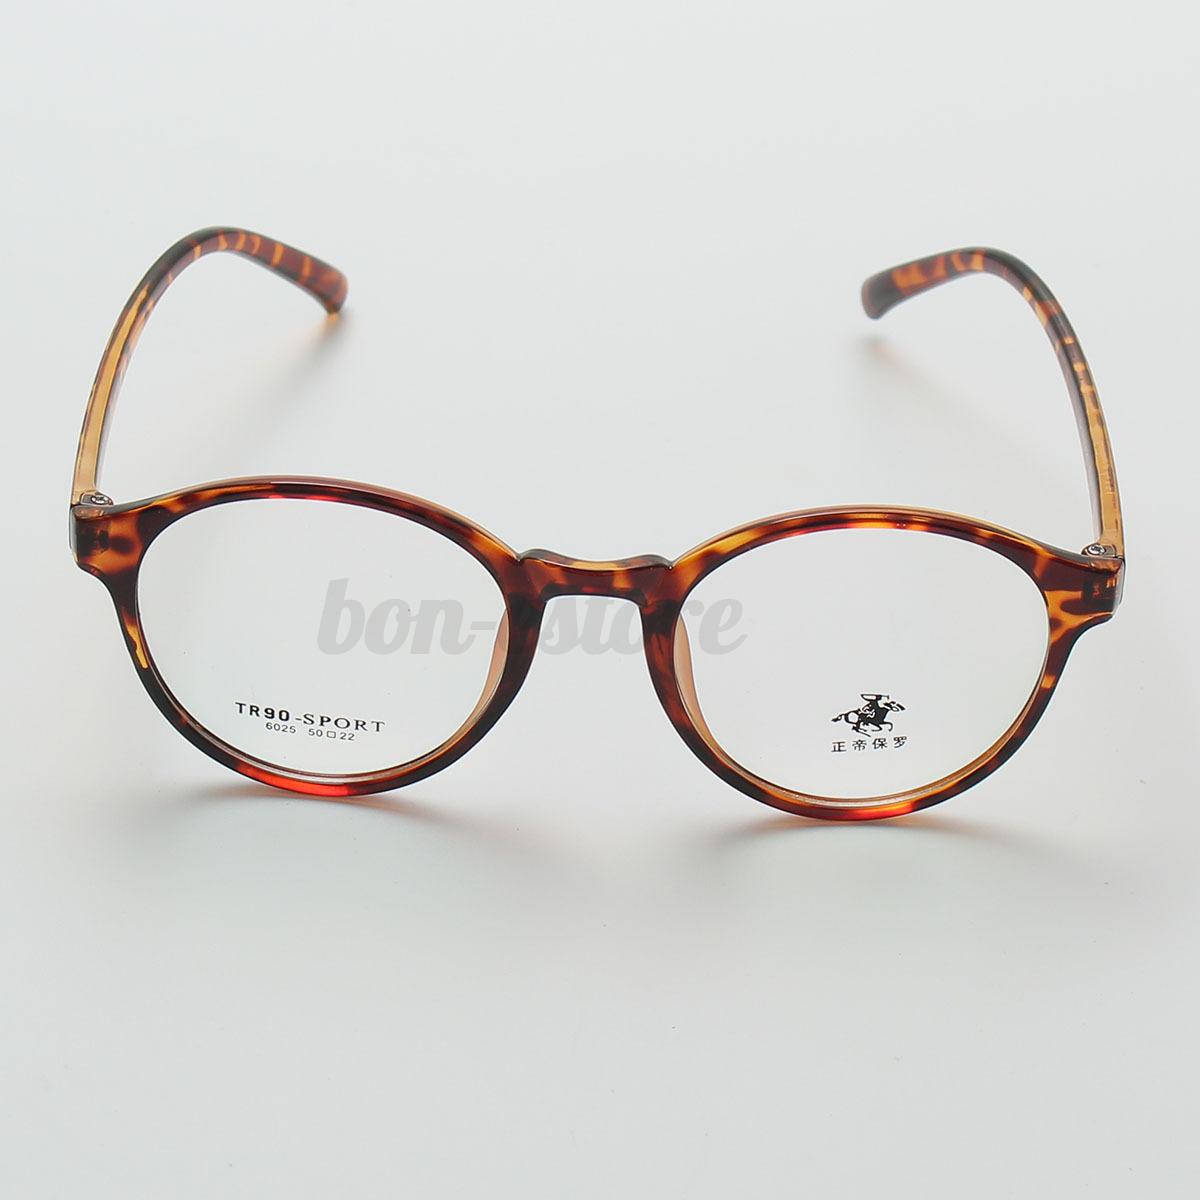 Understanding Eyeglass Frame Measurements : Vintage Men Women Retro Eyeglasses Frame Full-Rim Glasses ...